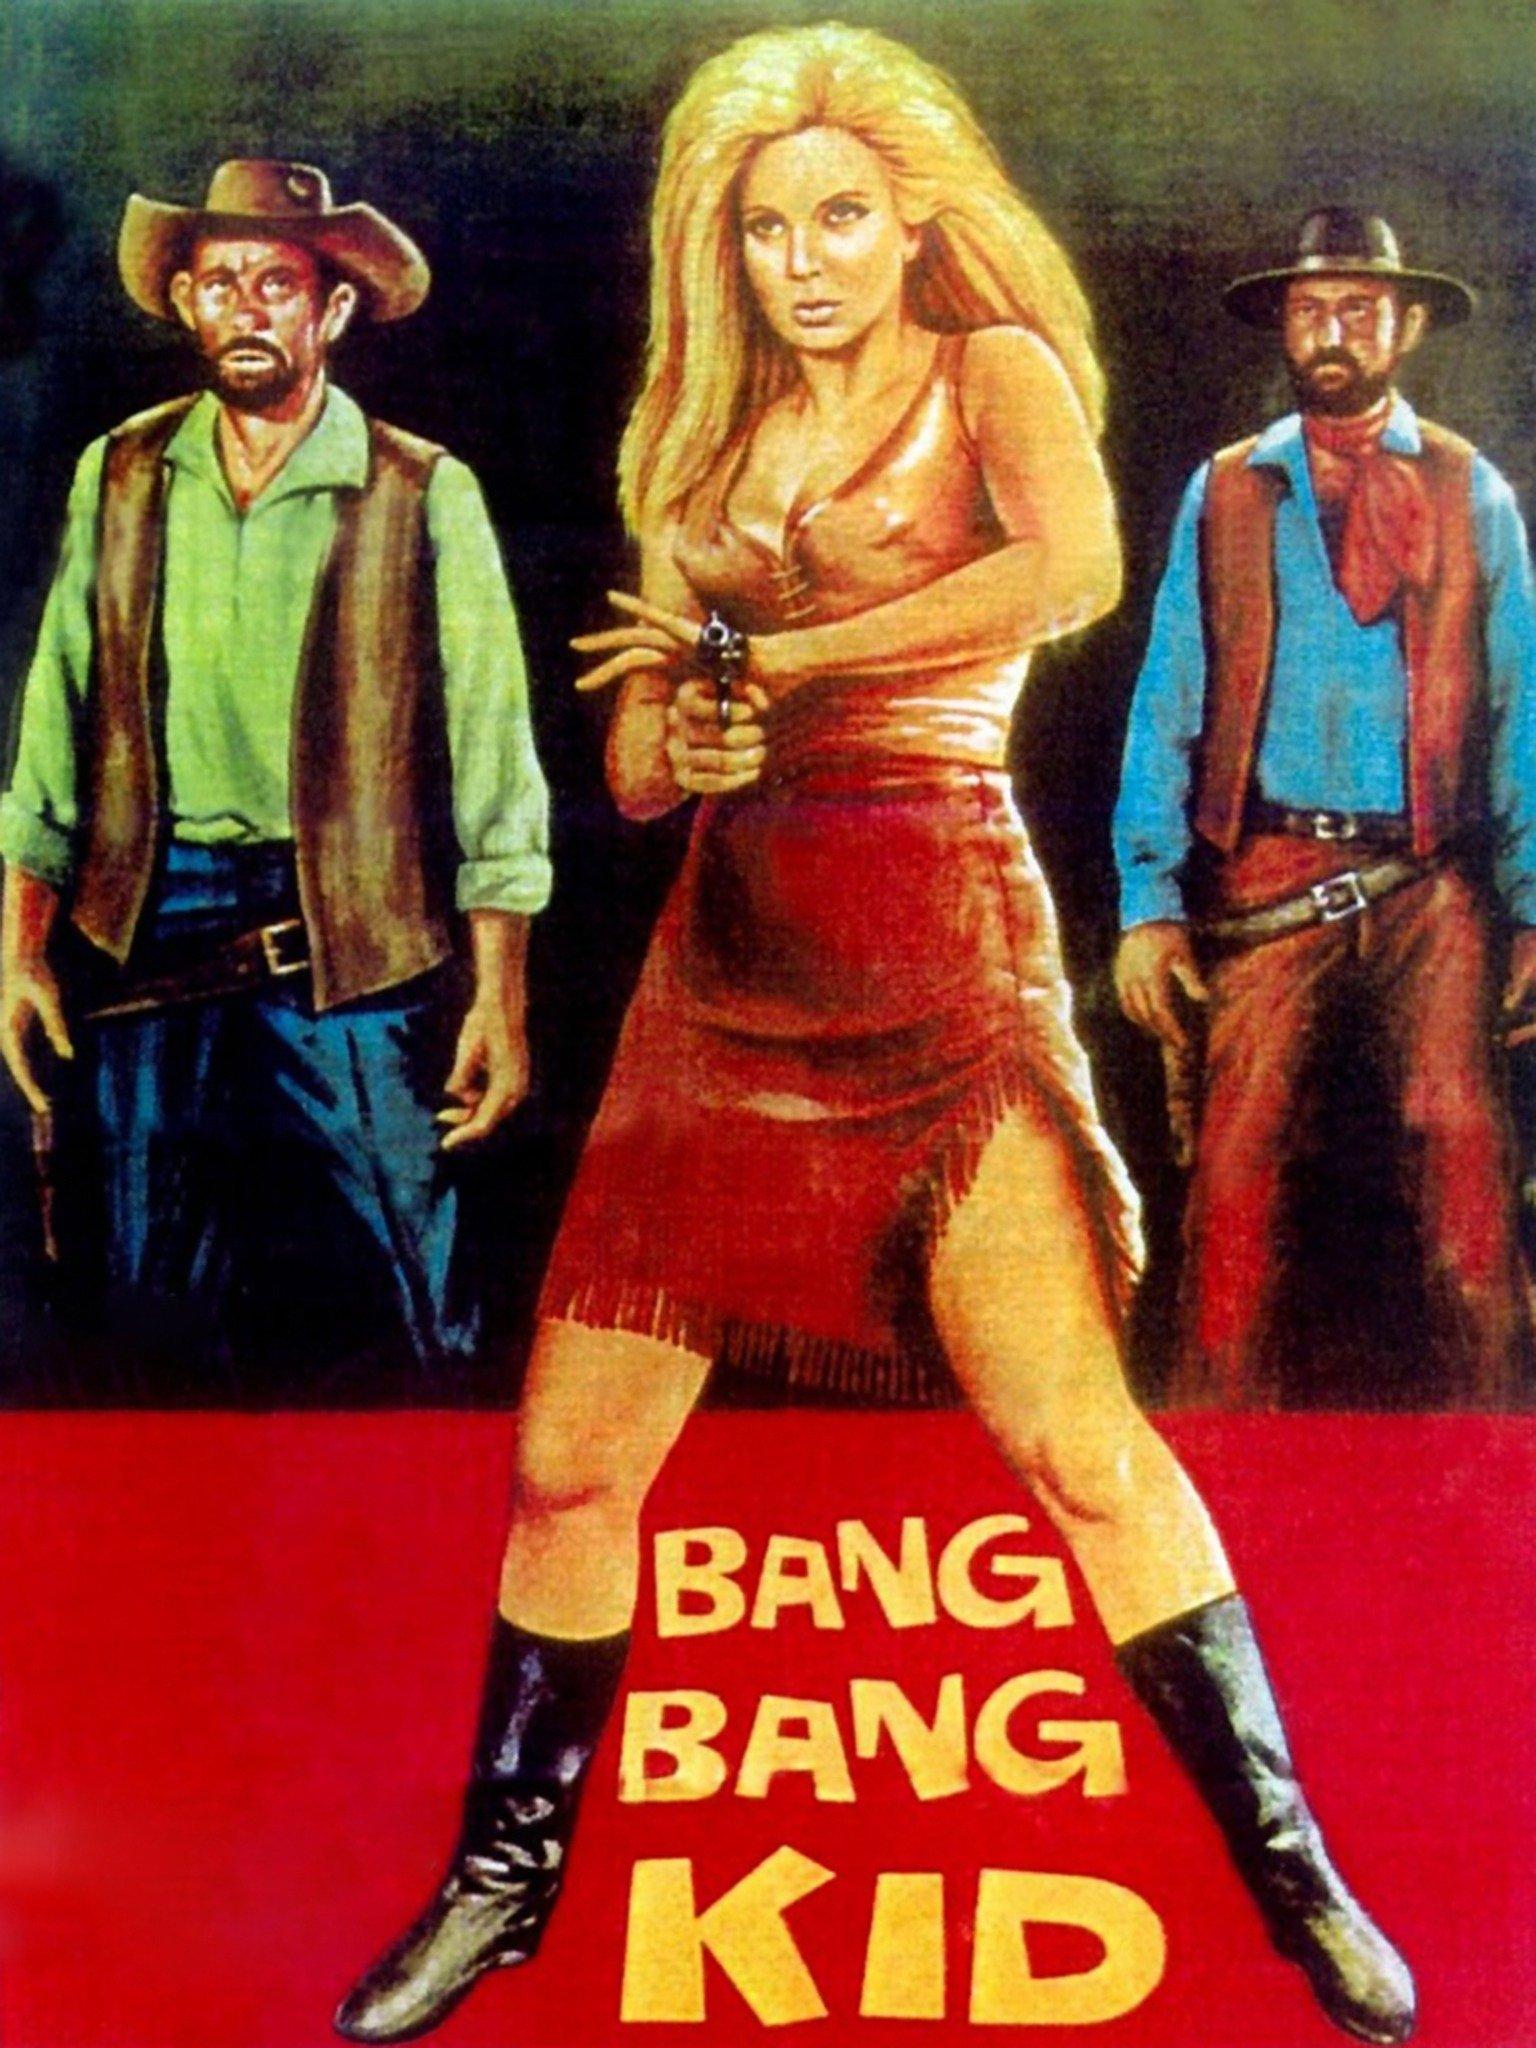 The Bang Bang Kid